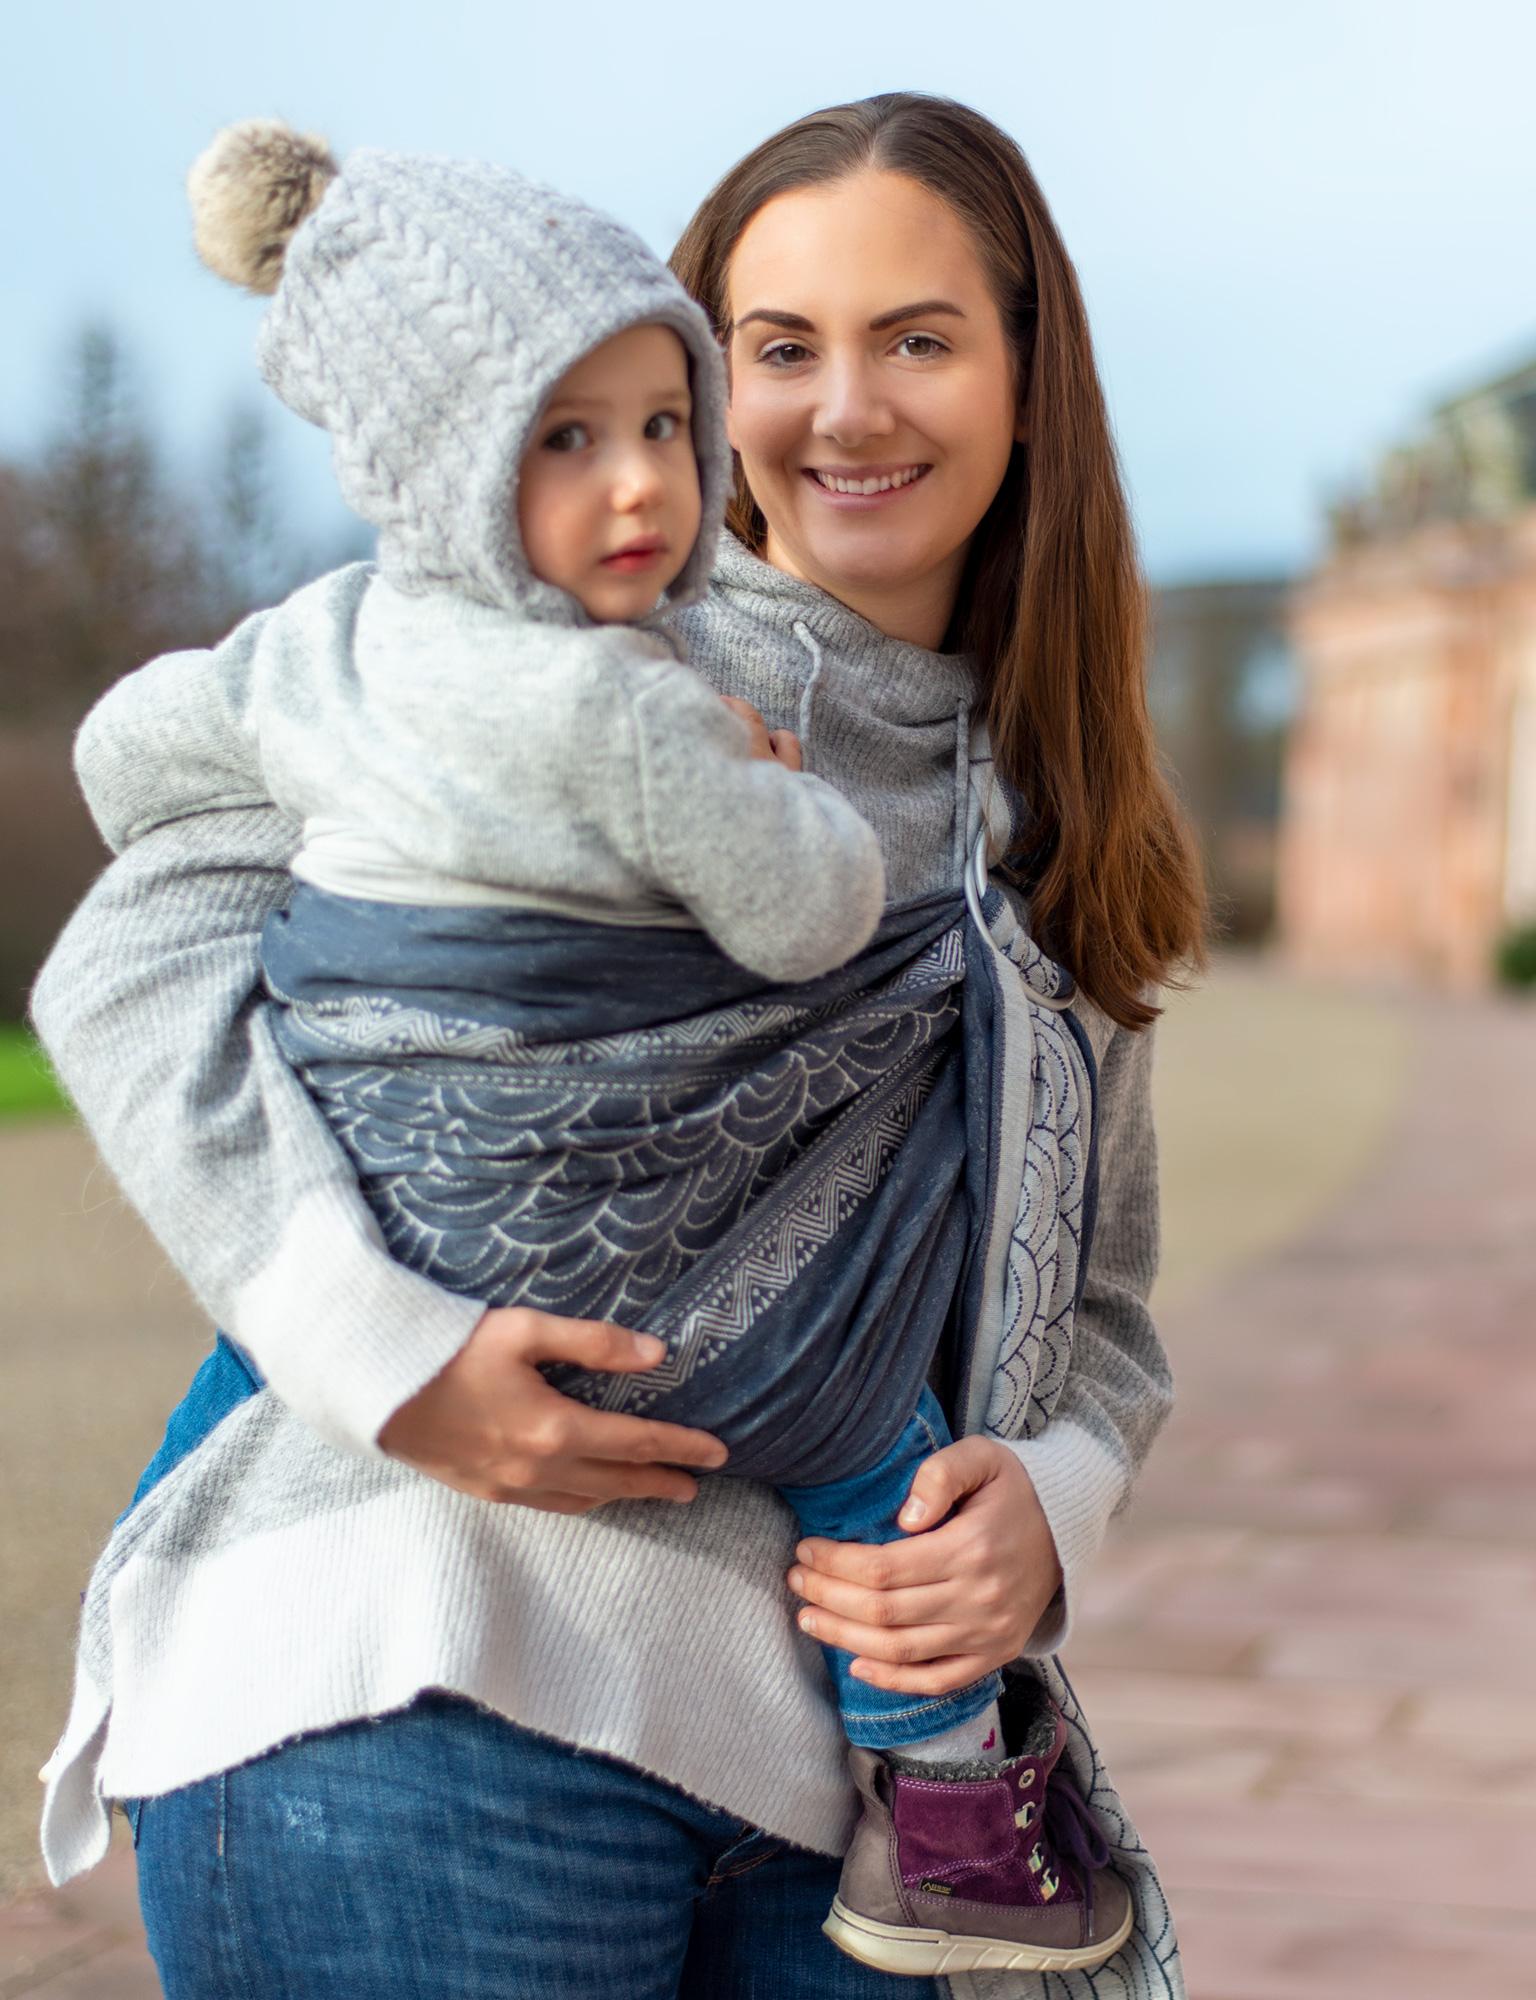 Trageberatung mit Kleinkind